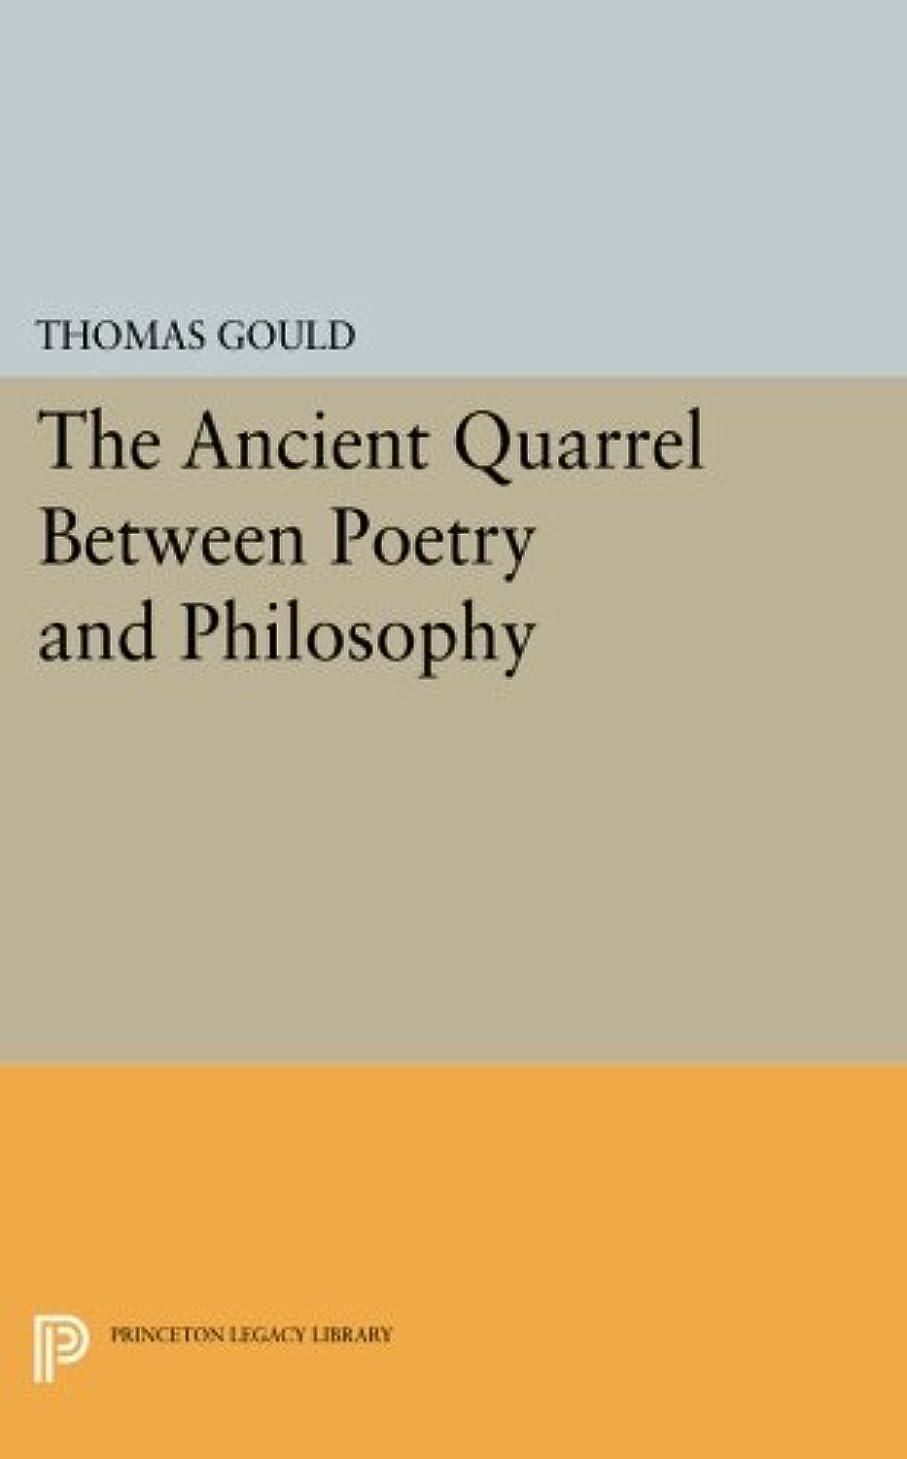 硫黄複製立ち向かうThe Ancient Quarrel Between Poetry and Philosophy (Princeton Legacy Library)